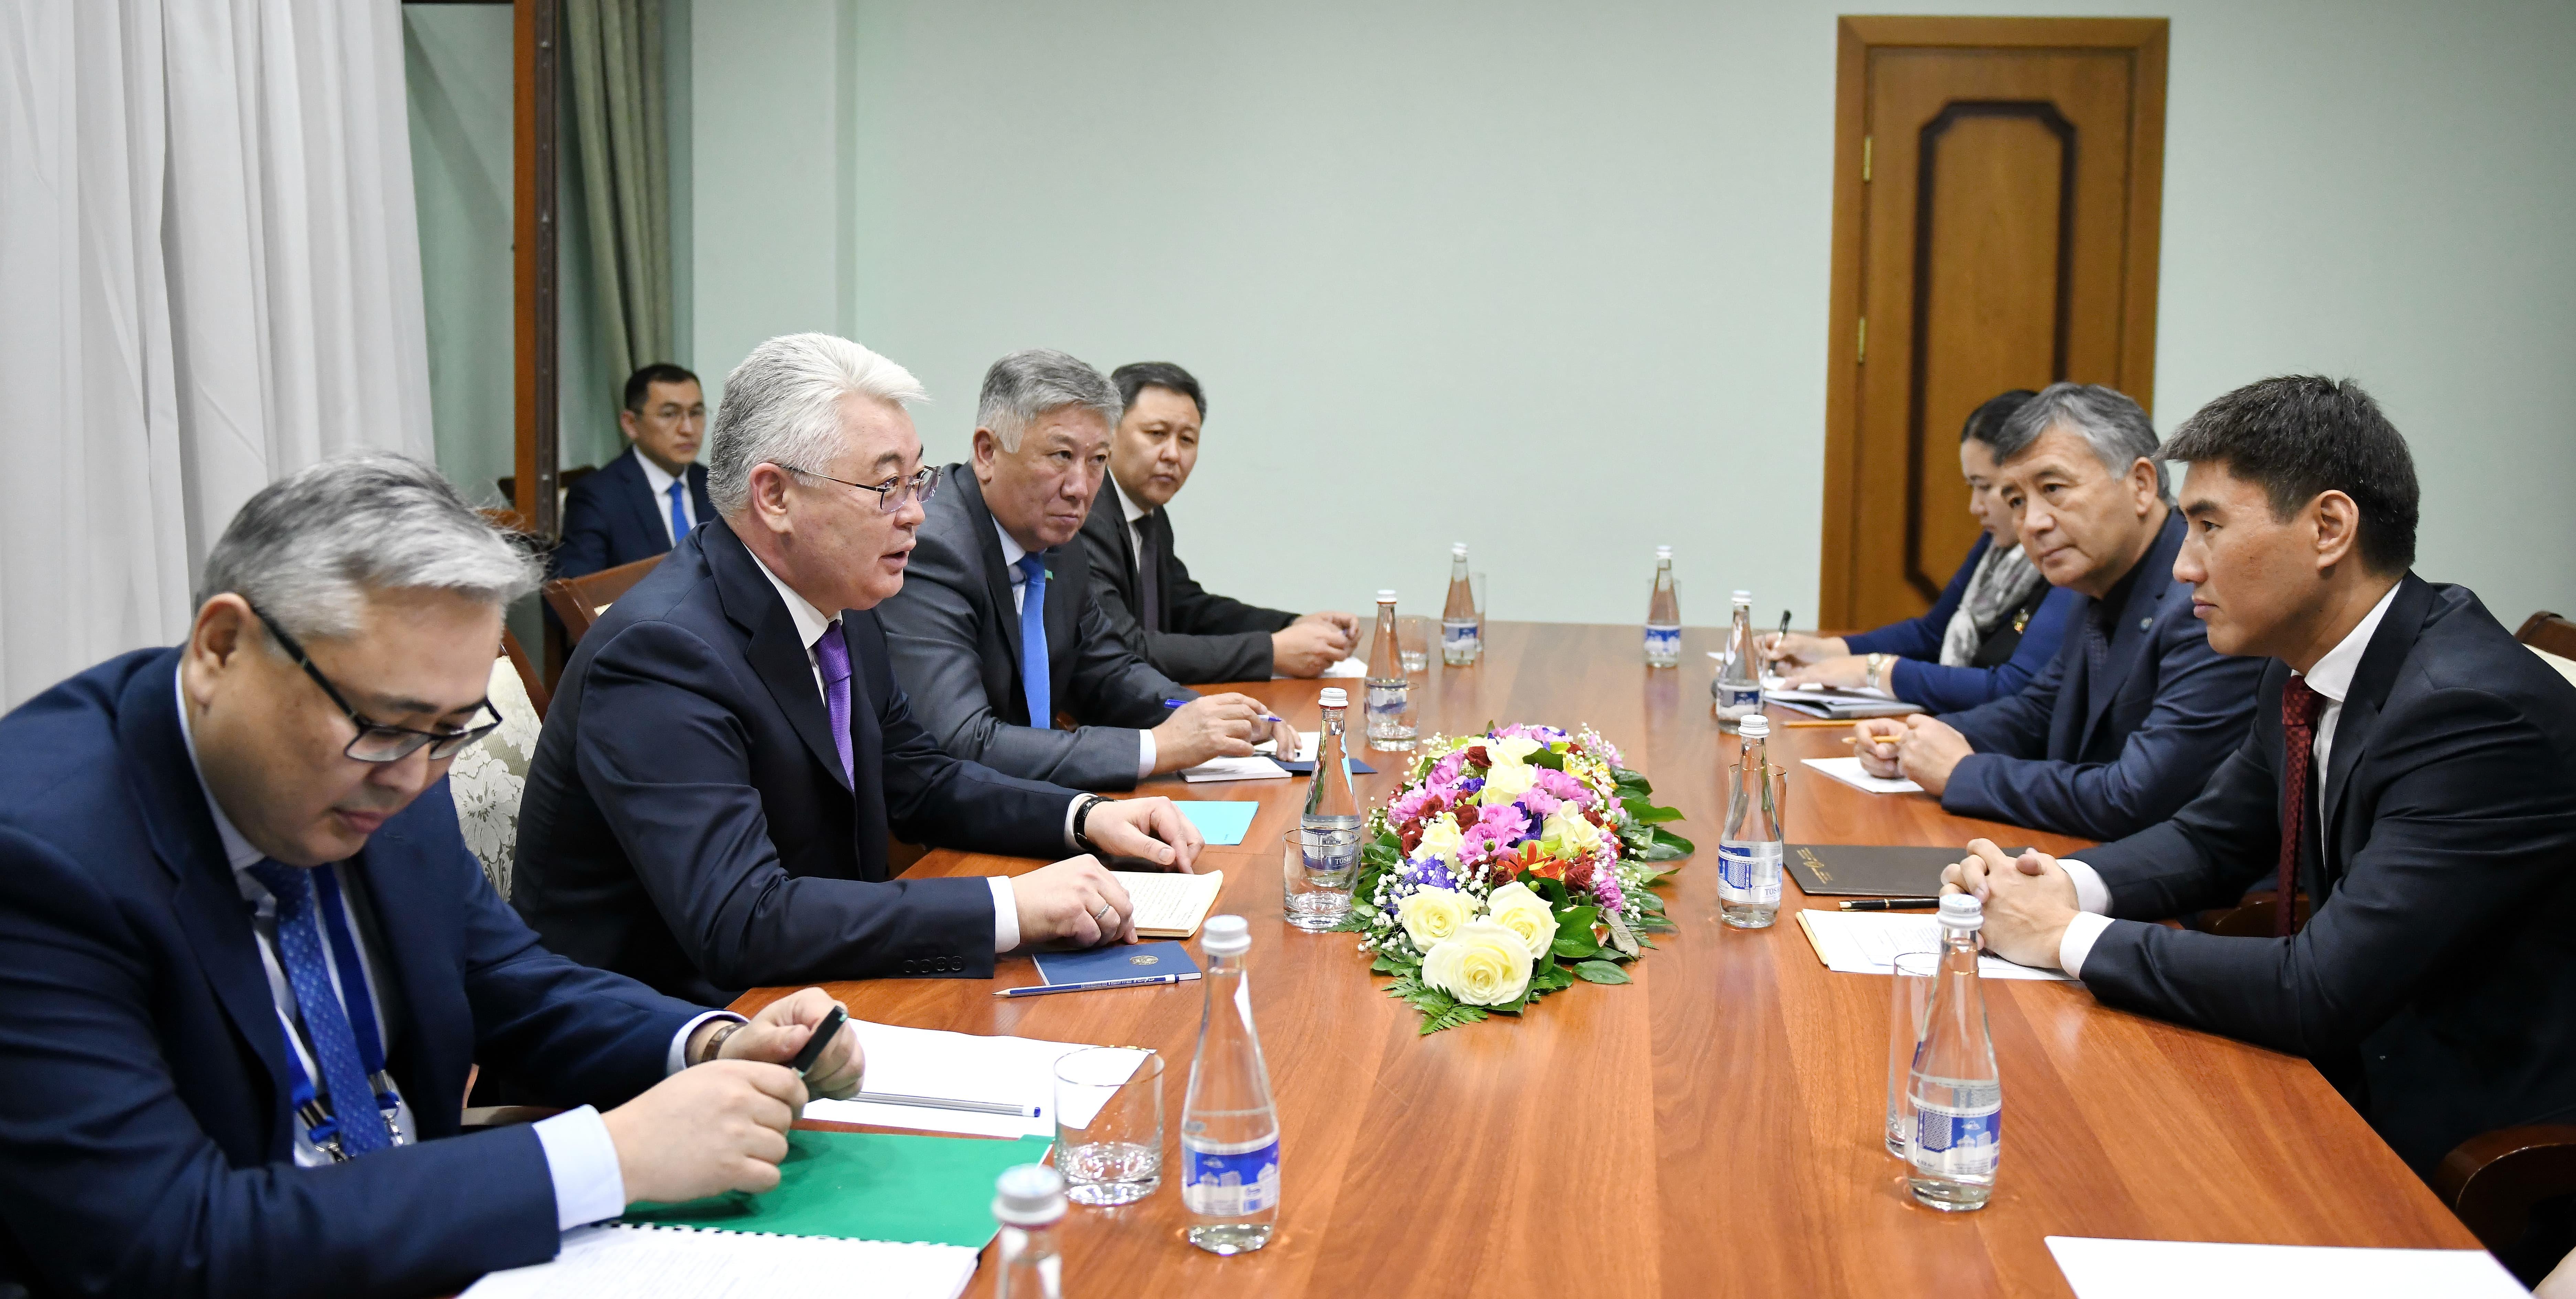 Участники диалога «Индия – Центральная Азия» готовы содействовать мирному урегулированию в Афганистане